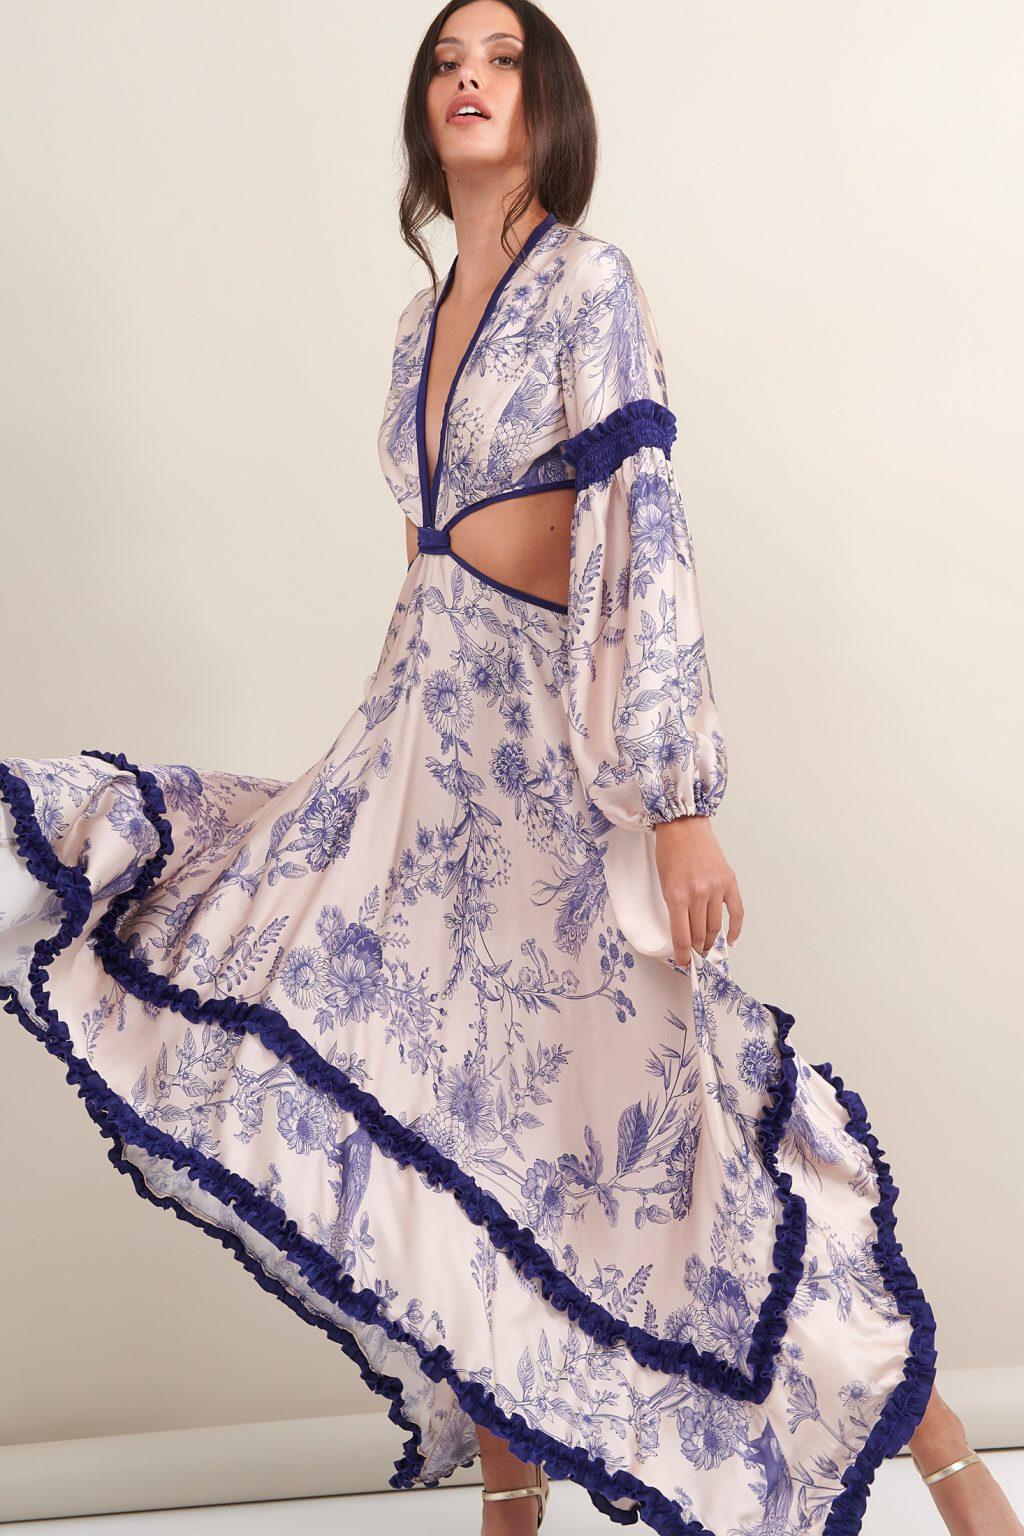 Γυναικεία Ρούχα LACE ΦΟΡΕΜΑ FLORAL ΜΕ ΑΝΟΙΓΜΑΤΑ ΣΤΗΝ ΜΕΣΗ